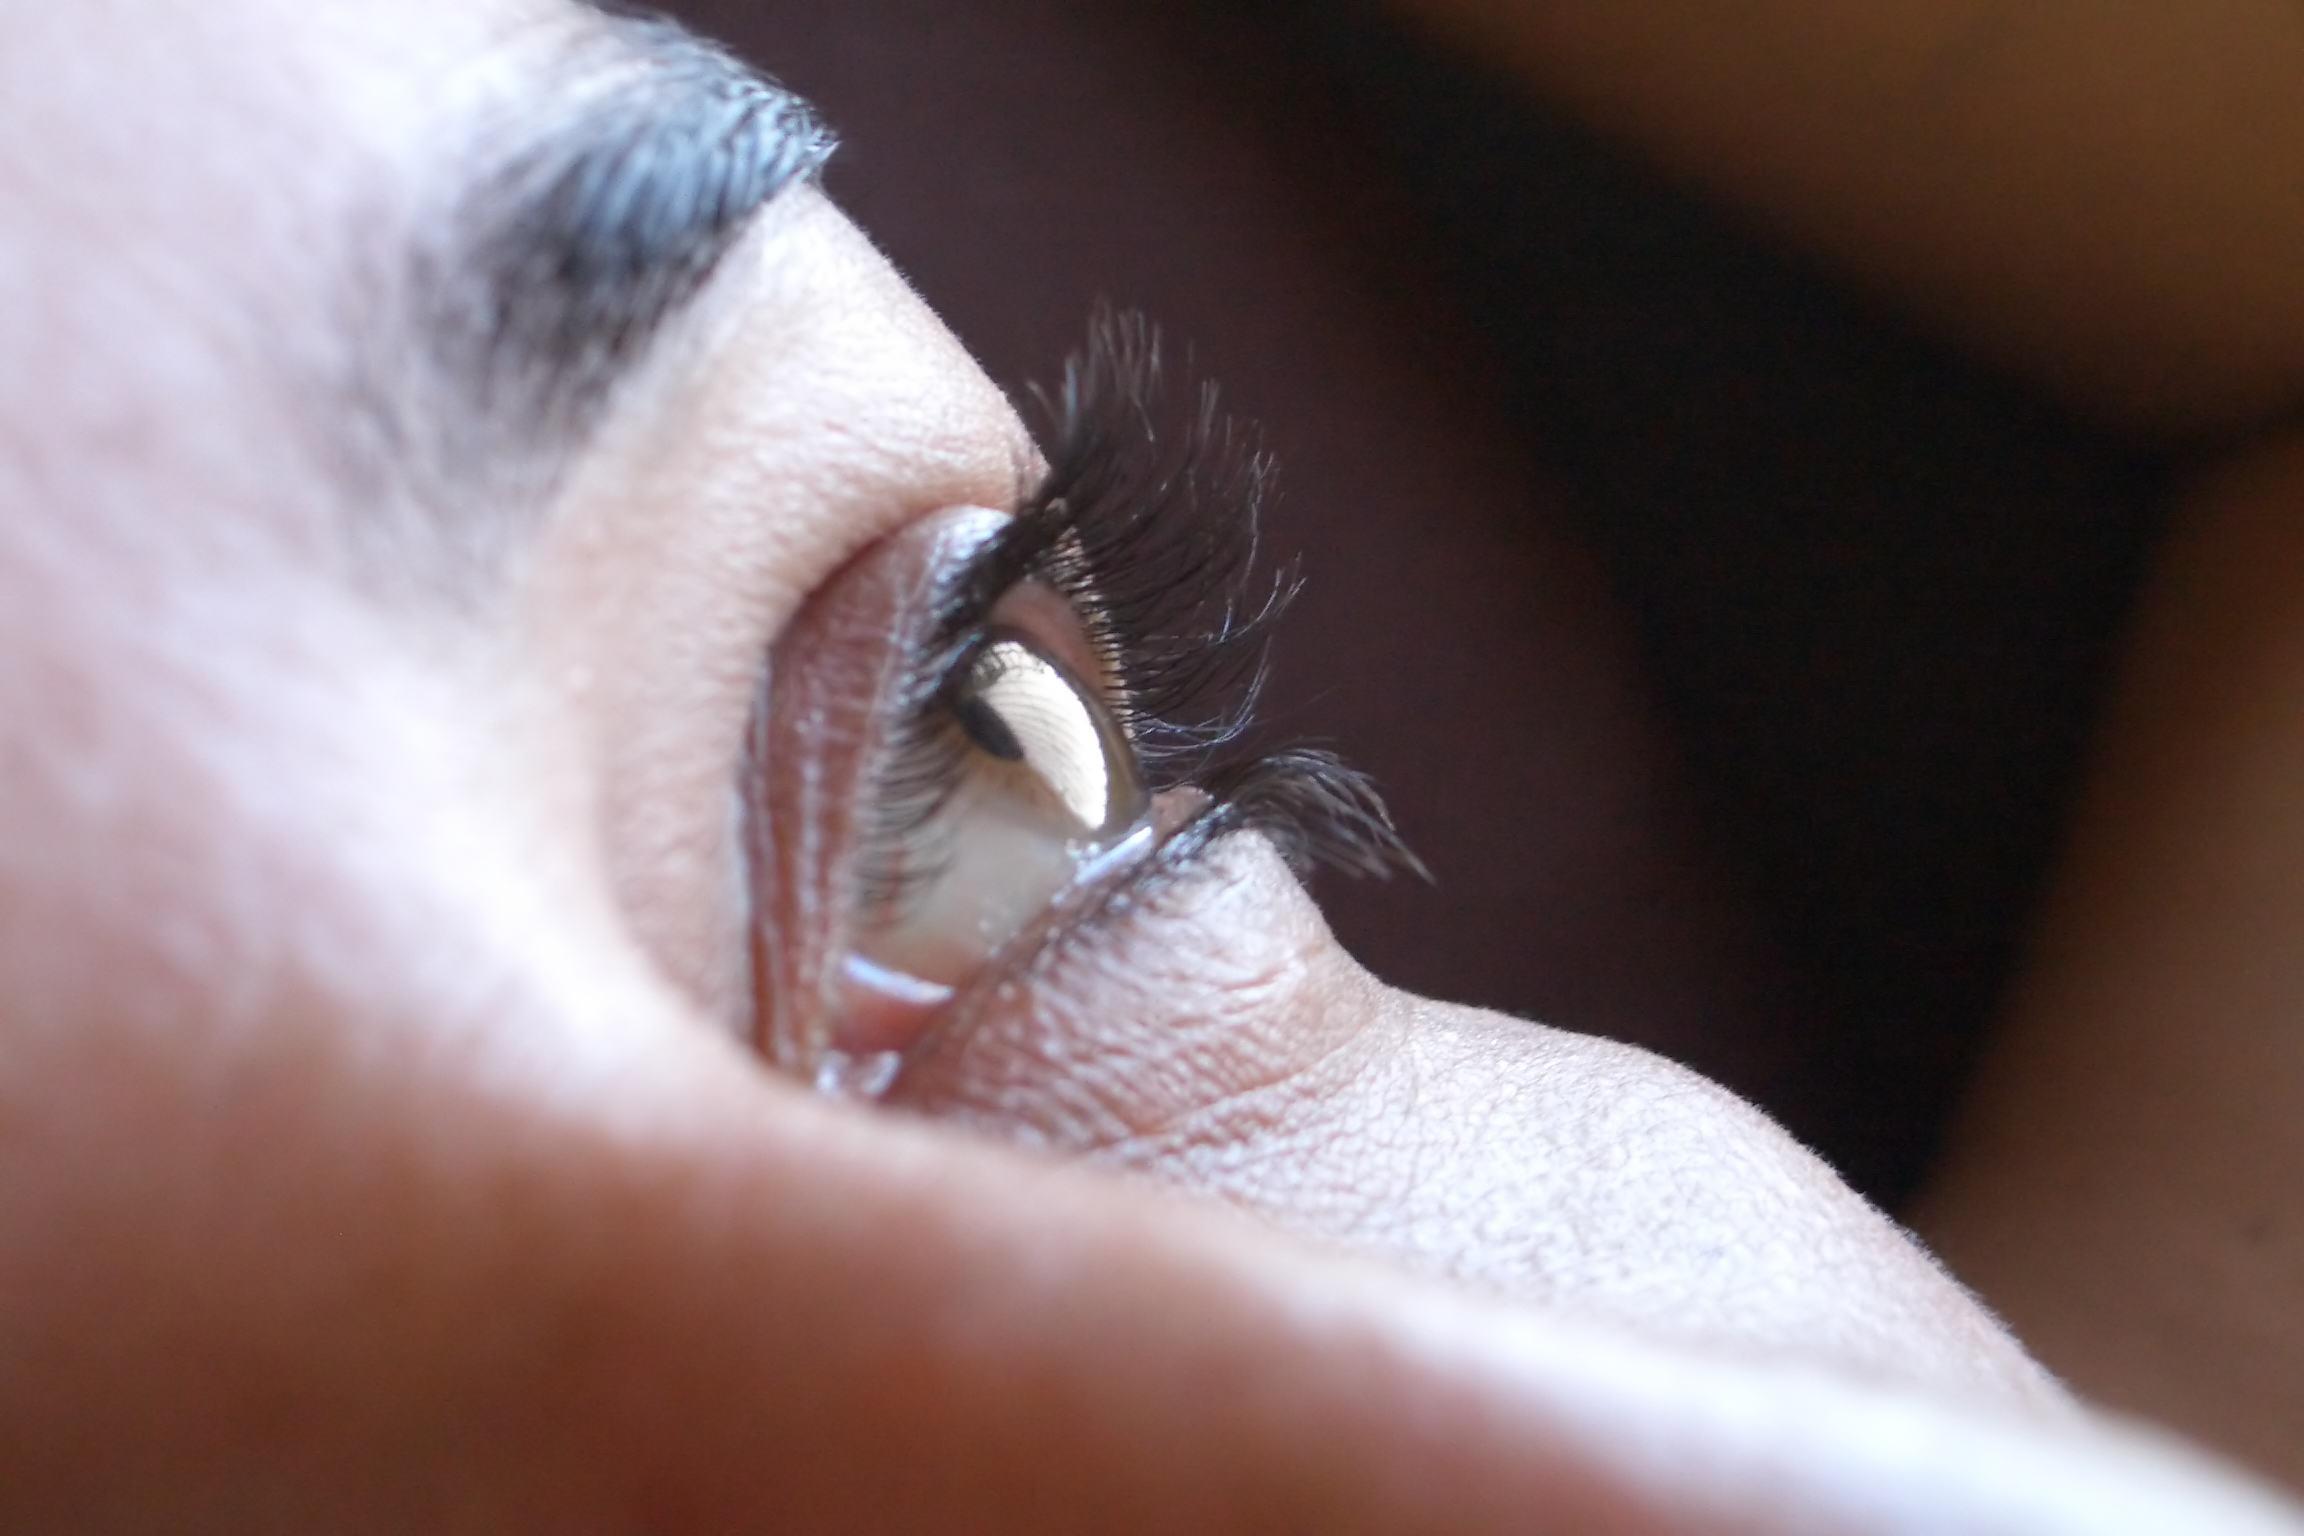 Eyelid and lacrimal